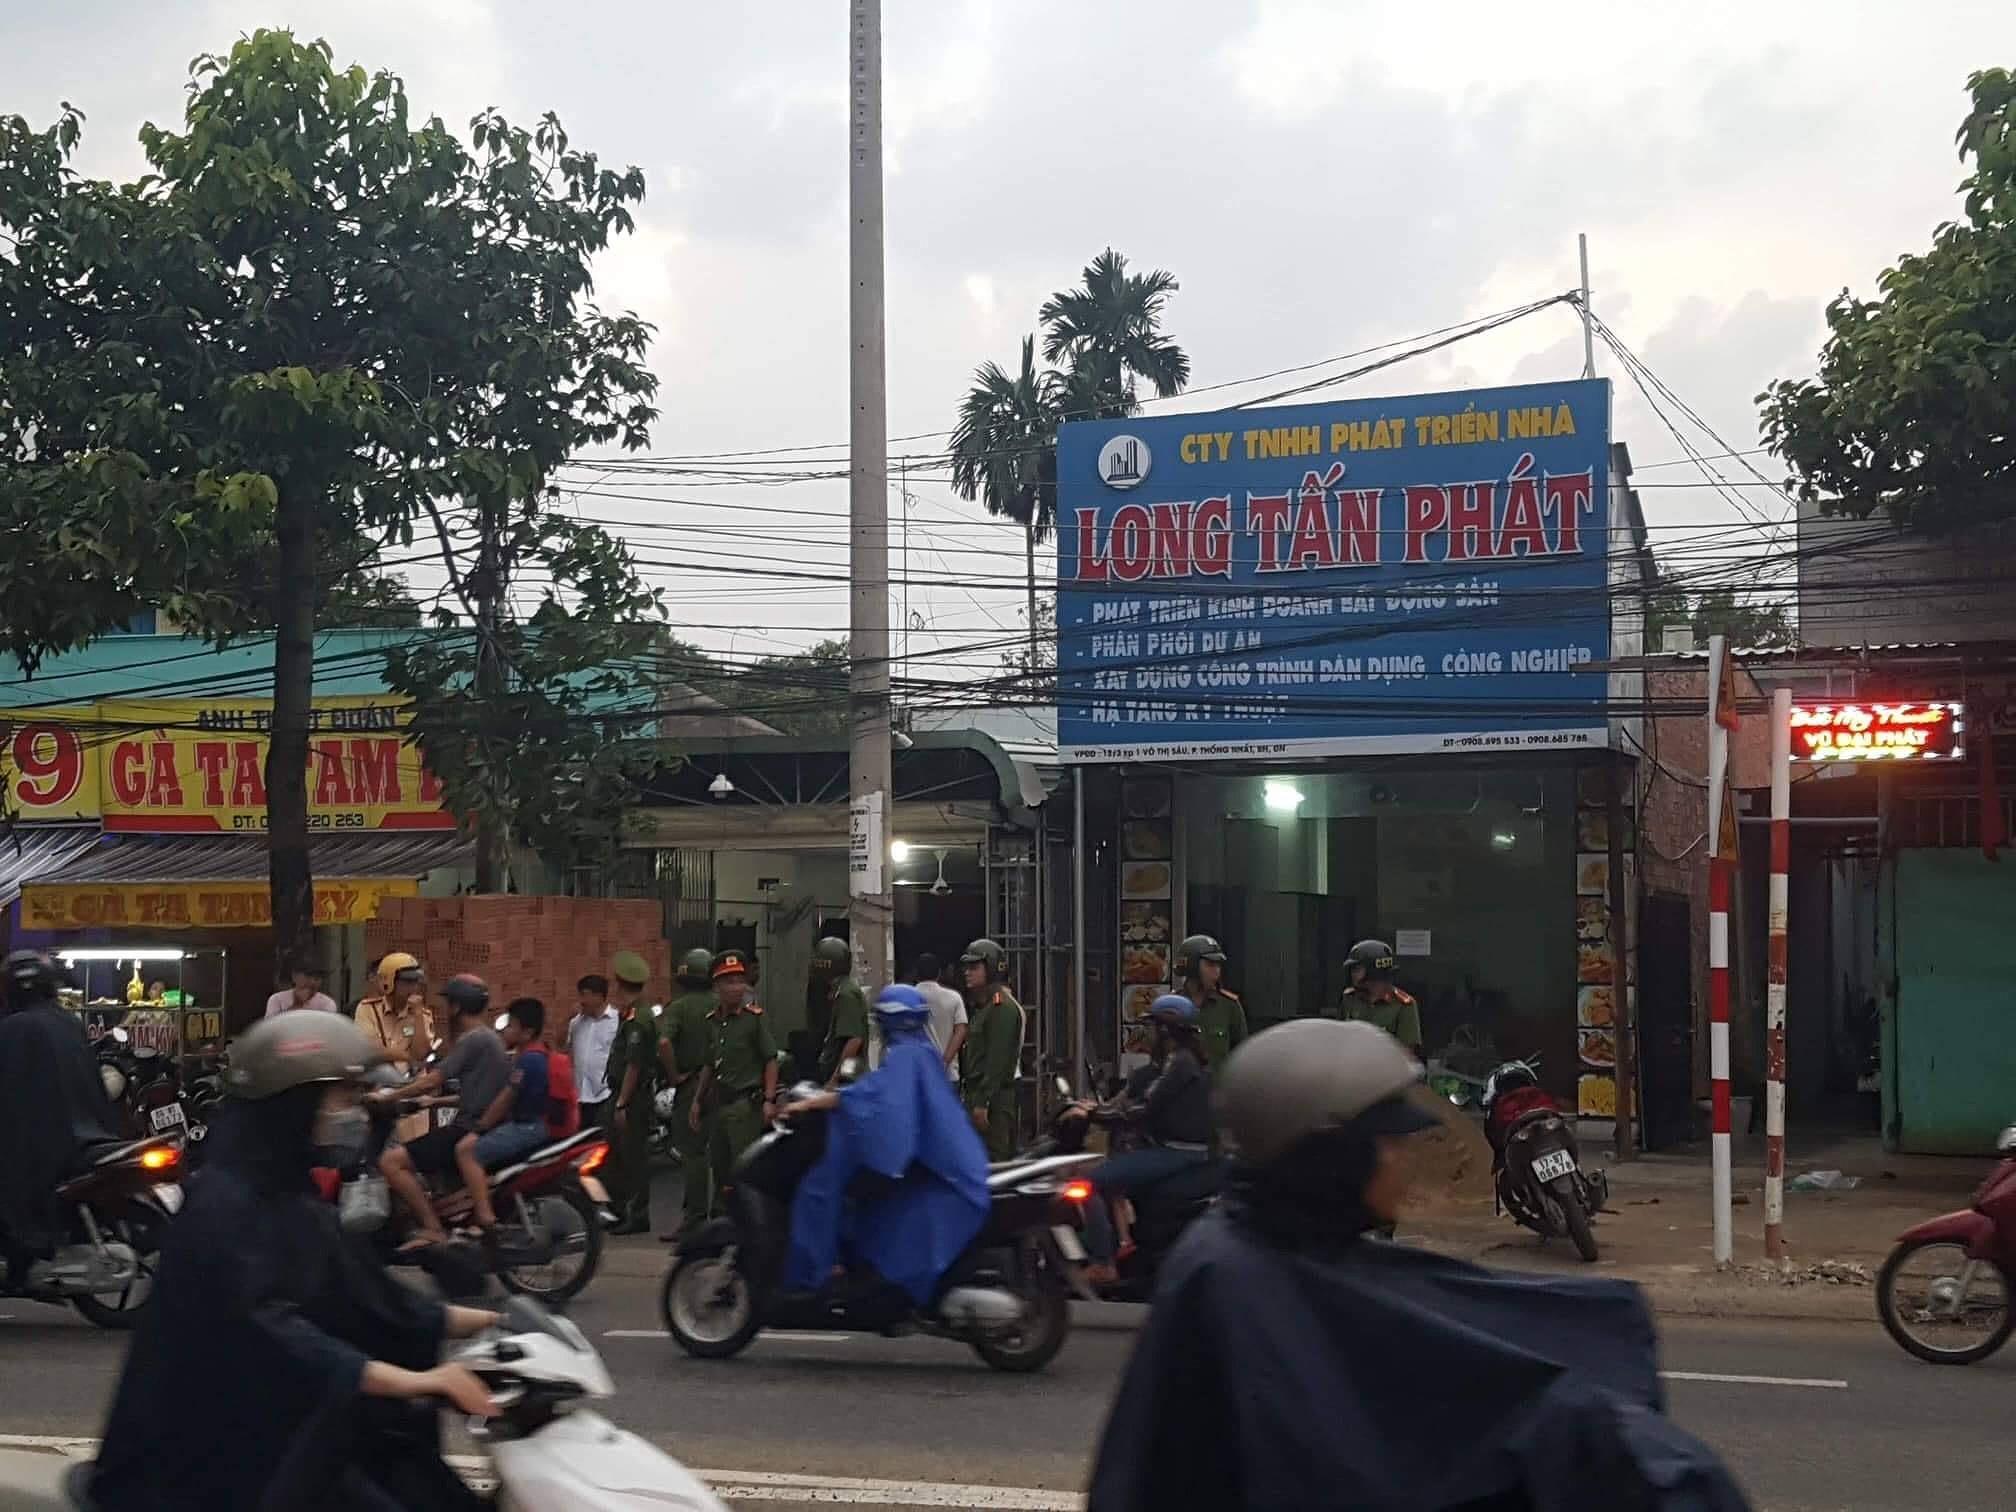 Công an khám nhà chủ doanh nghiệp gọi Giang '36' vây xe công an Ảnh 1